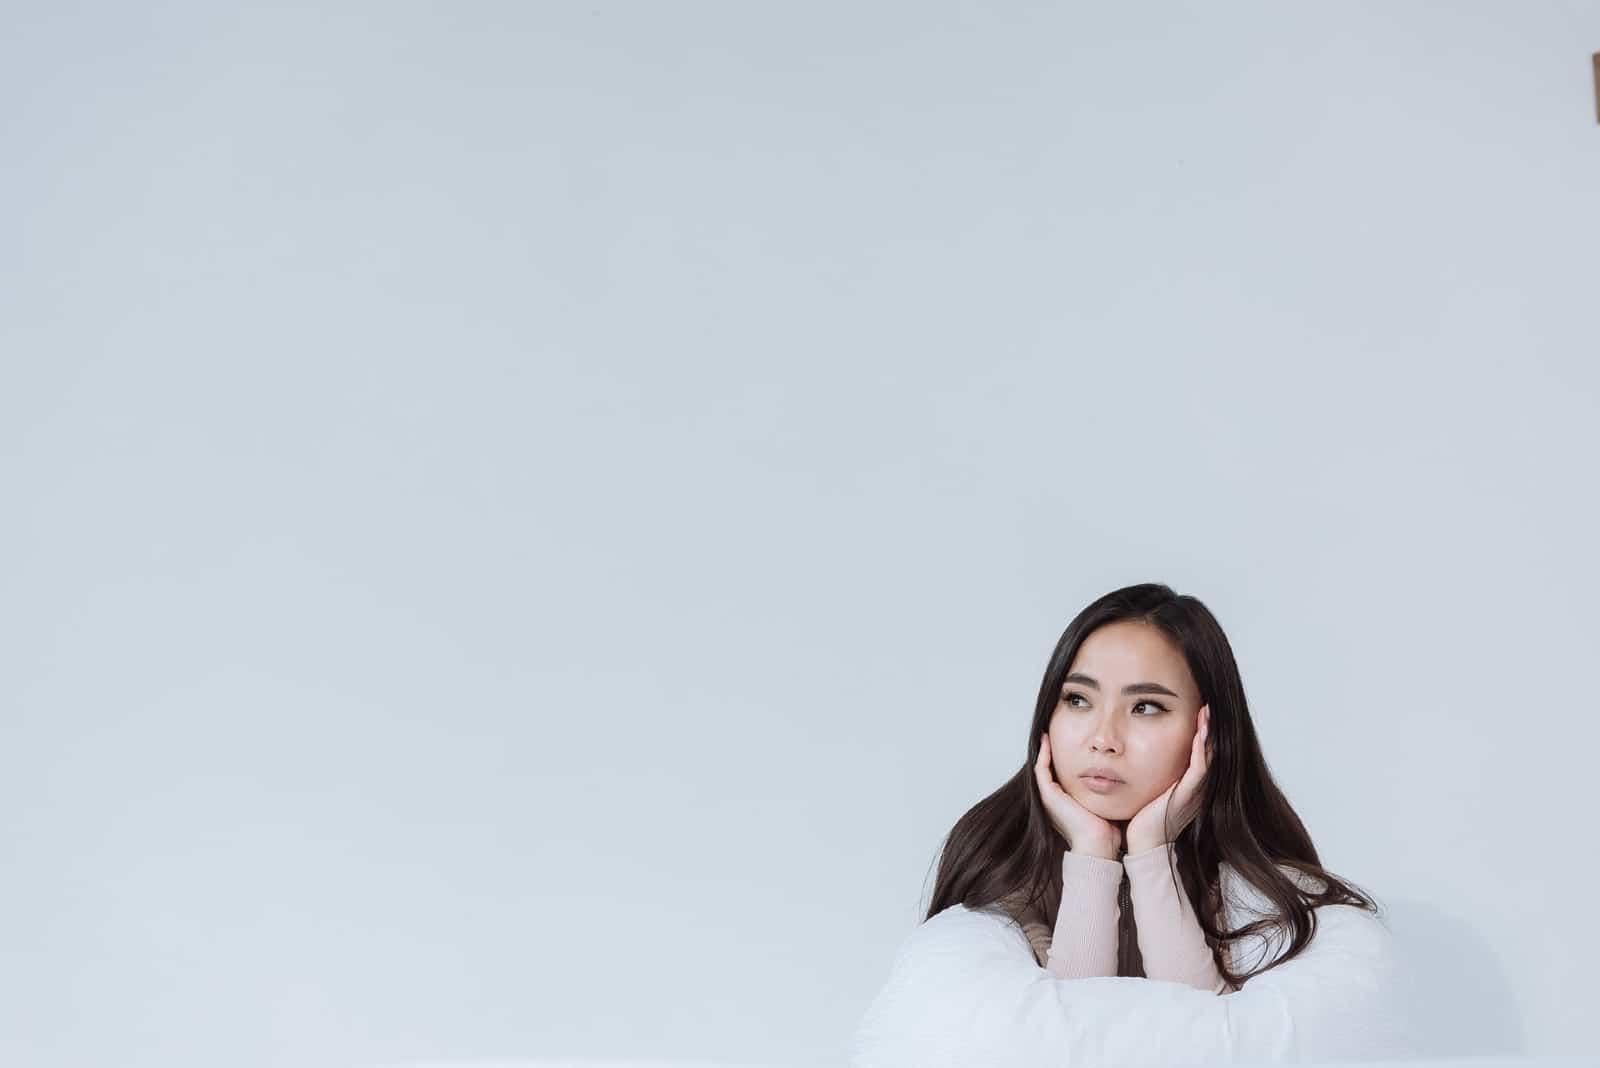 femme réfléchissant près d'un mur blanc